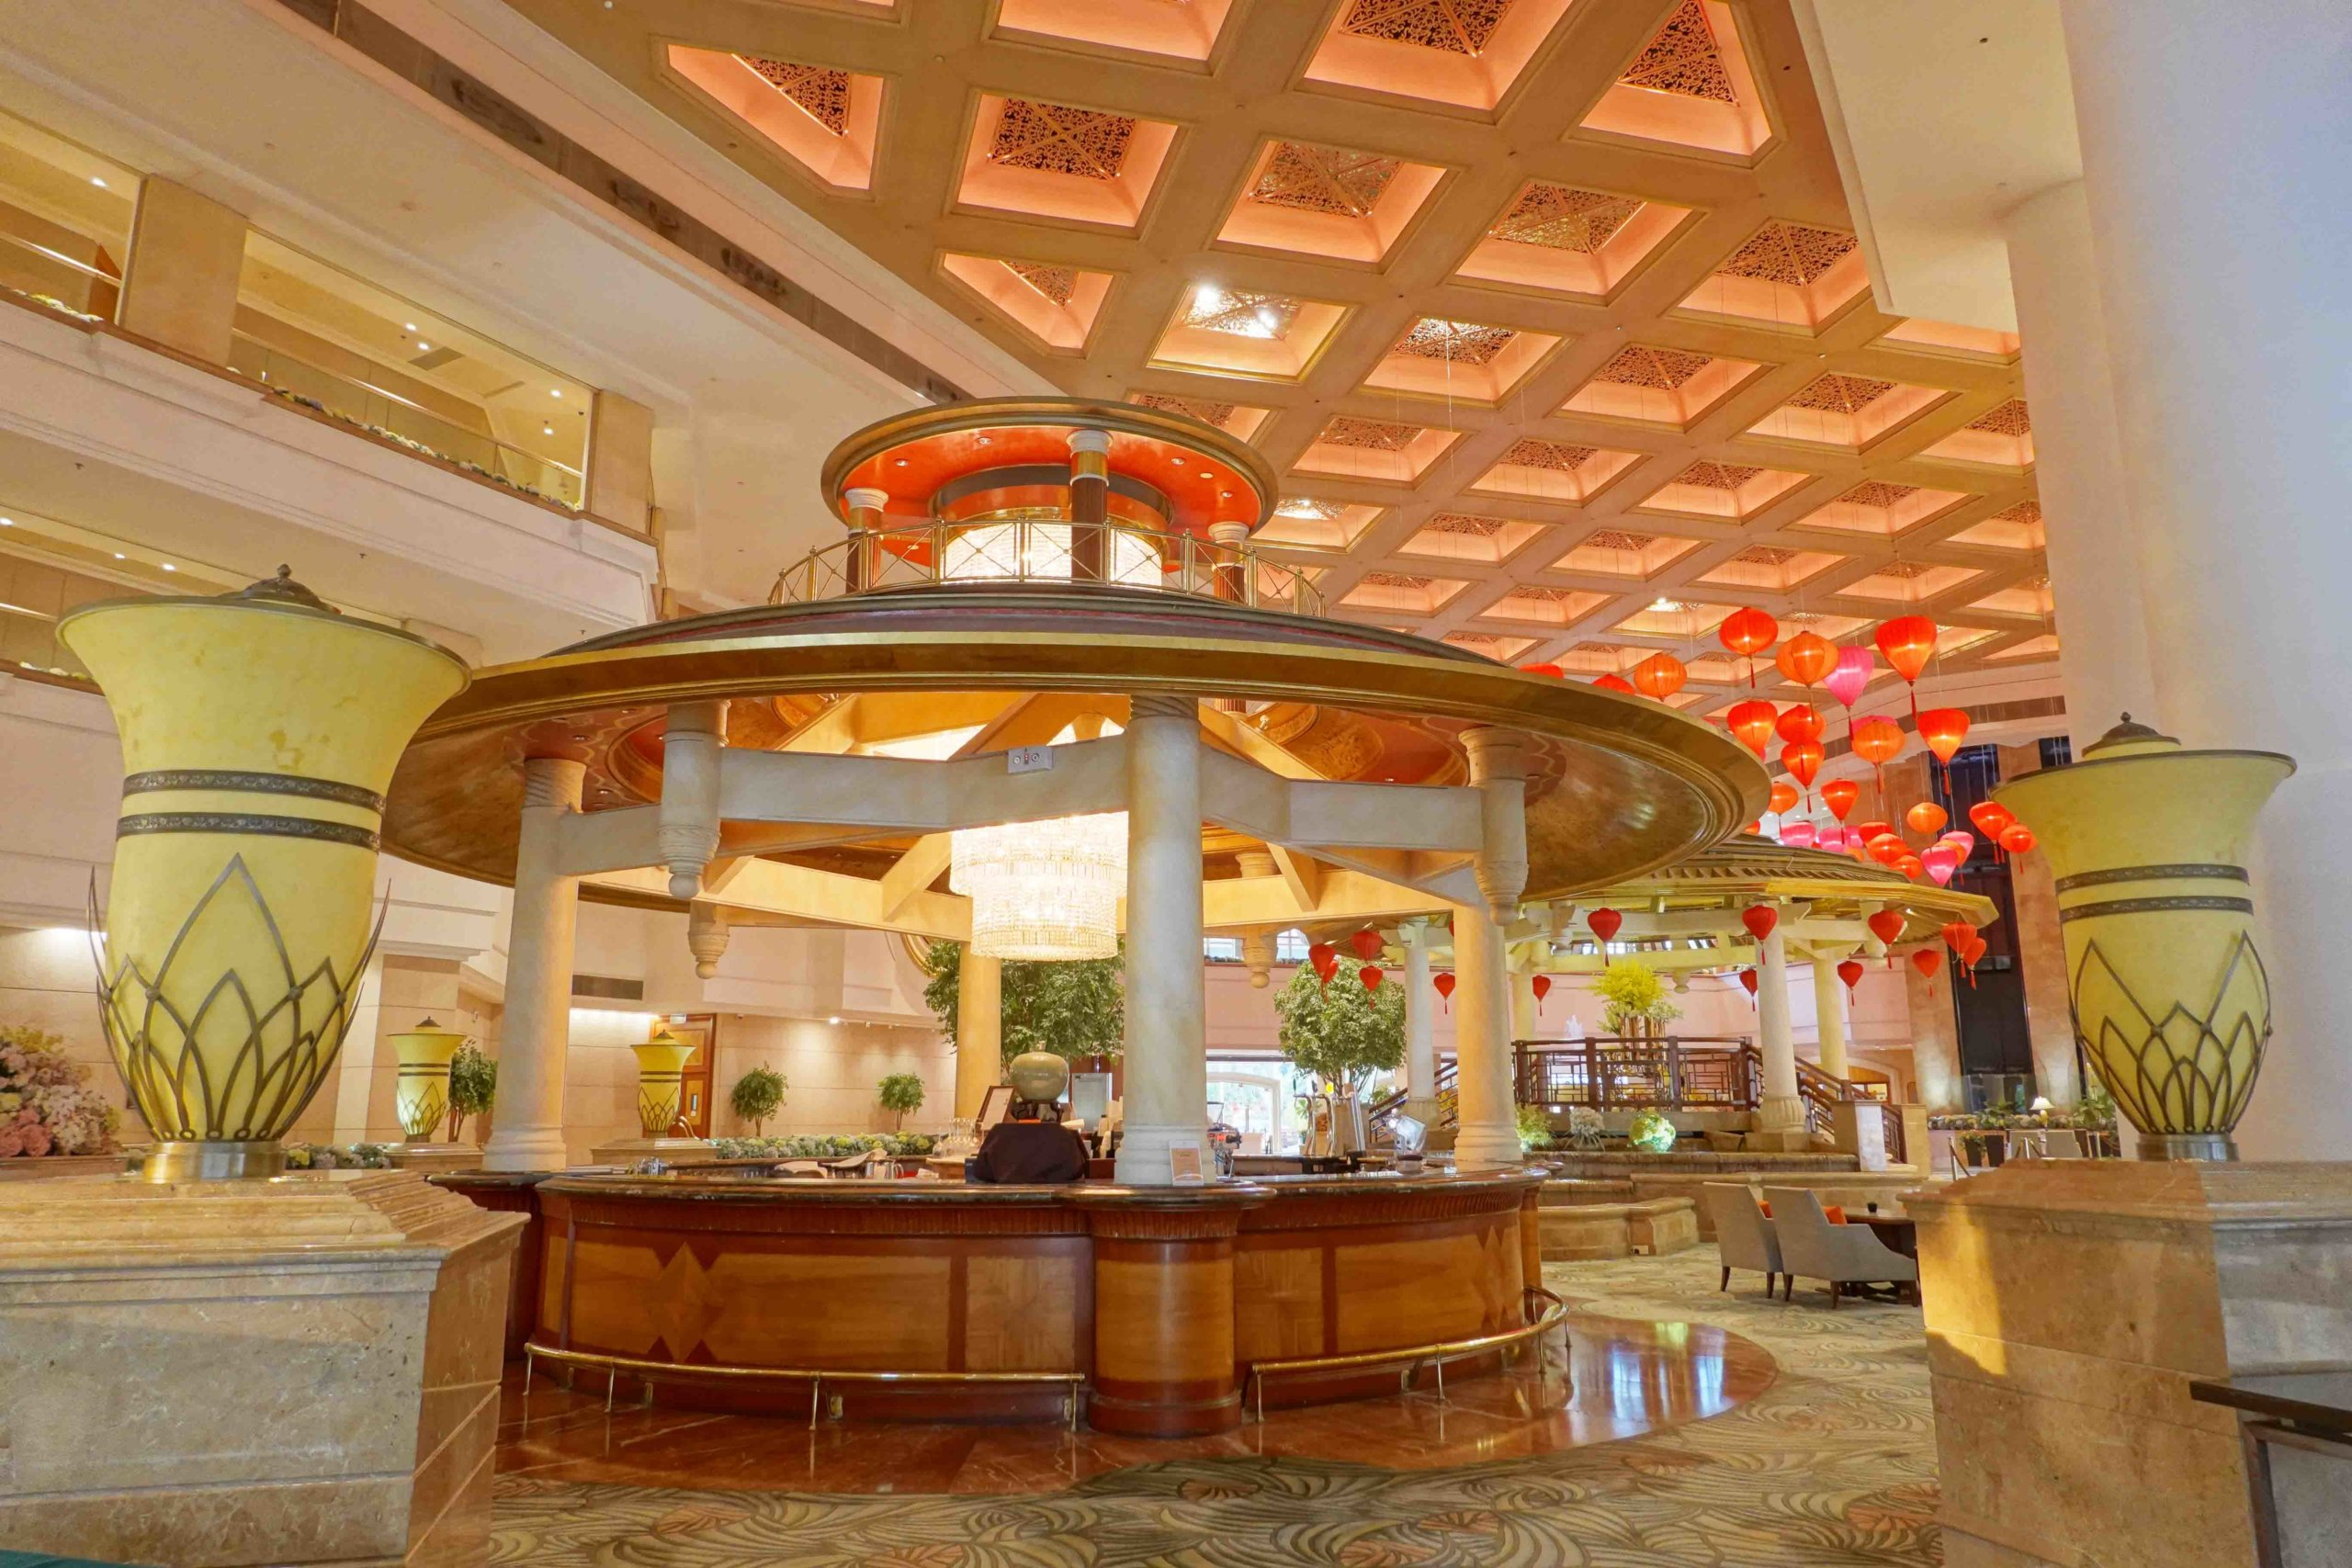 小編較早期去試食,所以可在Lobby Lounge享用下午茶,由於配合政府防疫政策,現時實際用餐點可能有所更改。